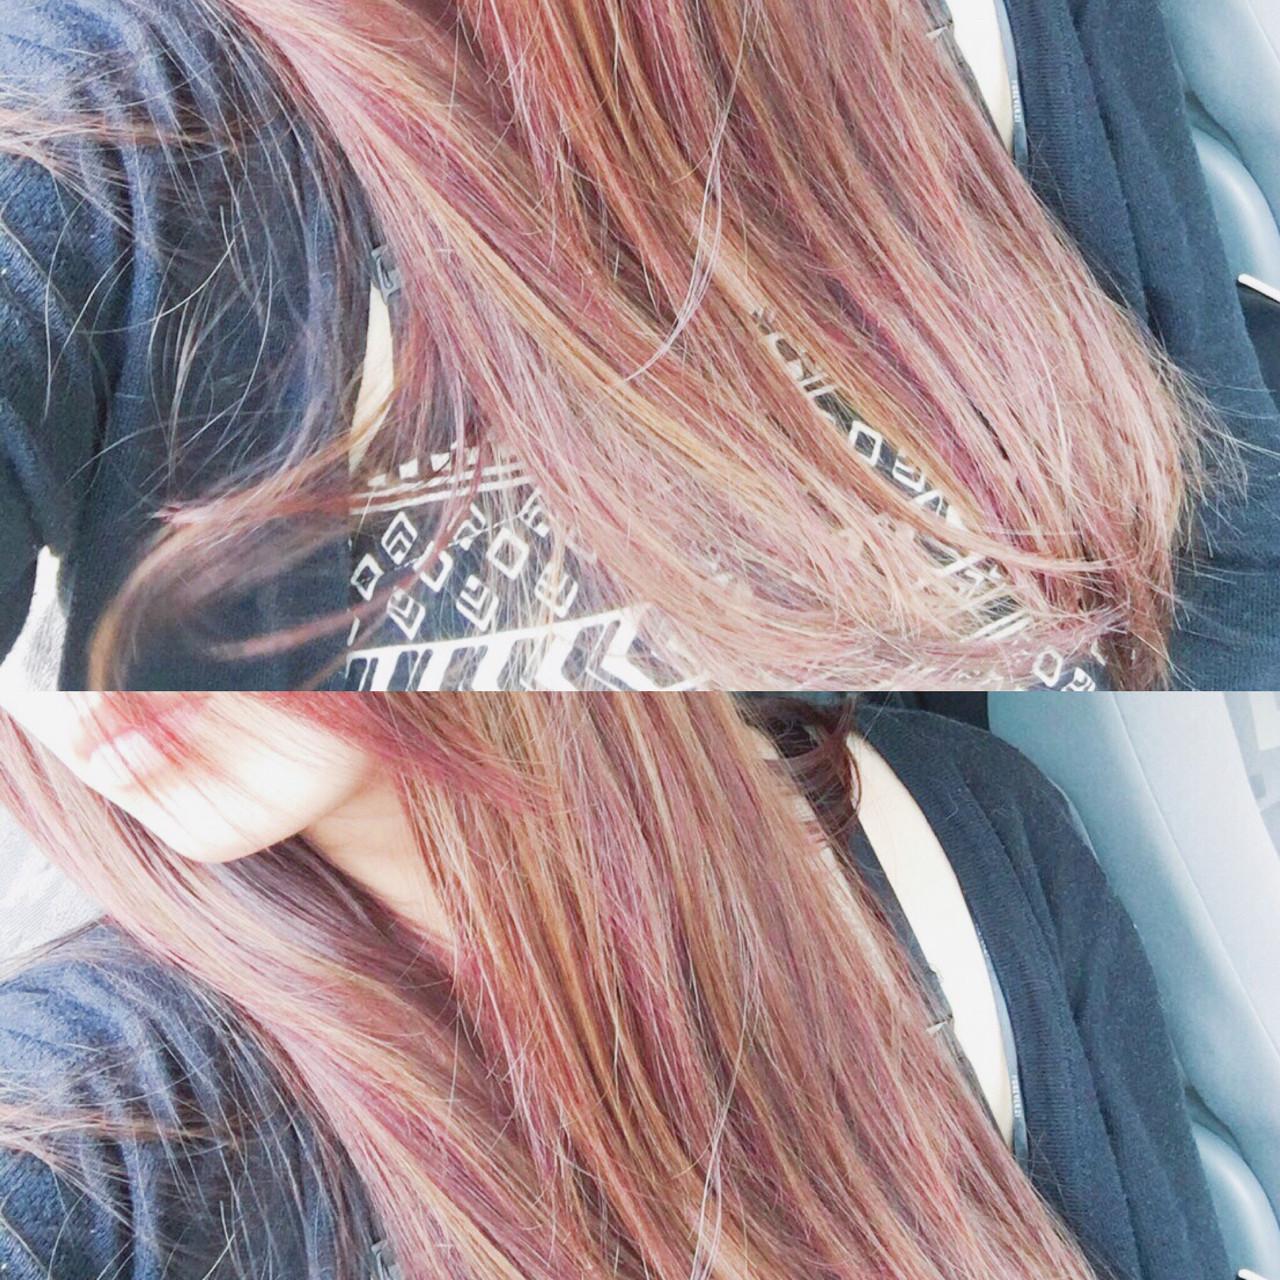 大人女子 ロング ナチュラル ピンク ヘアスタイルや髪型の写真・画像 | creap / creap